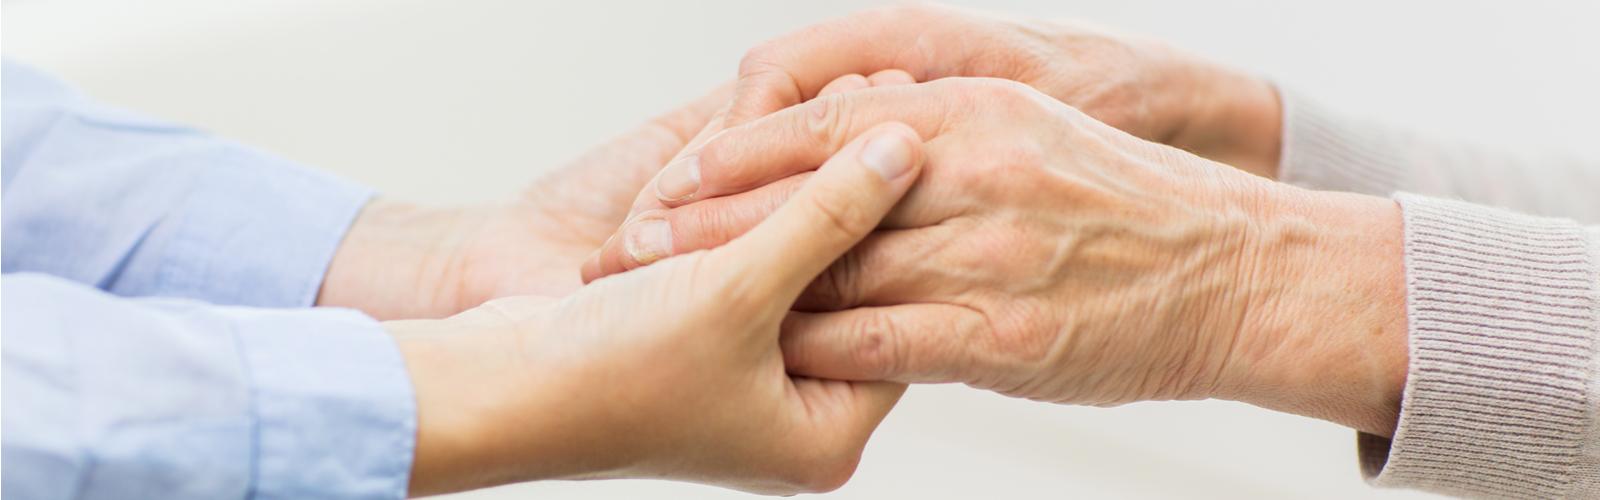 Slider Image of holding hands